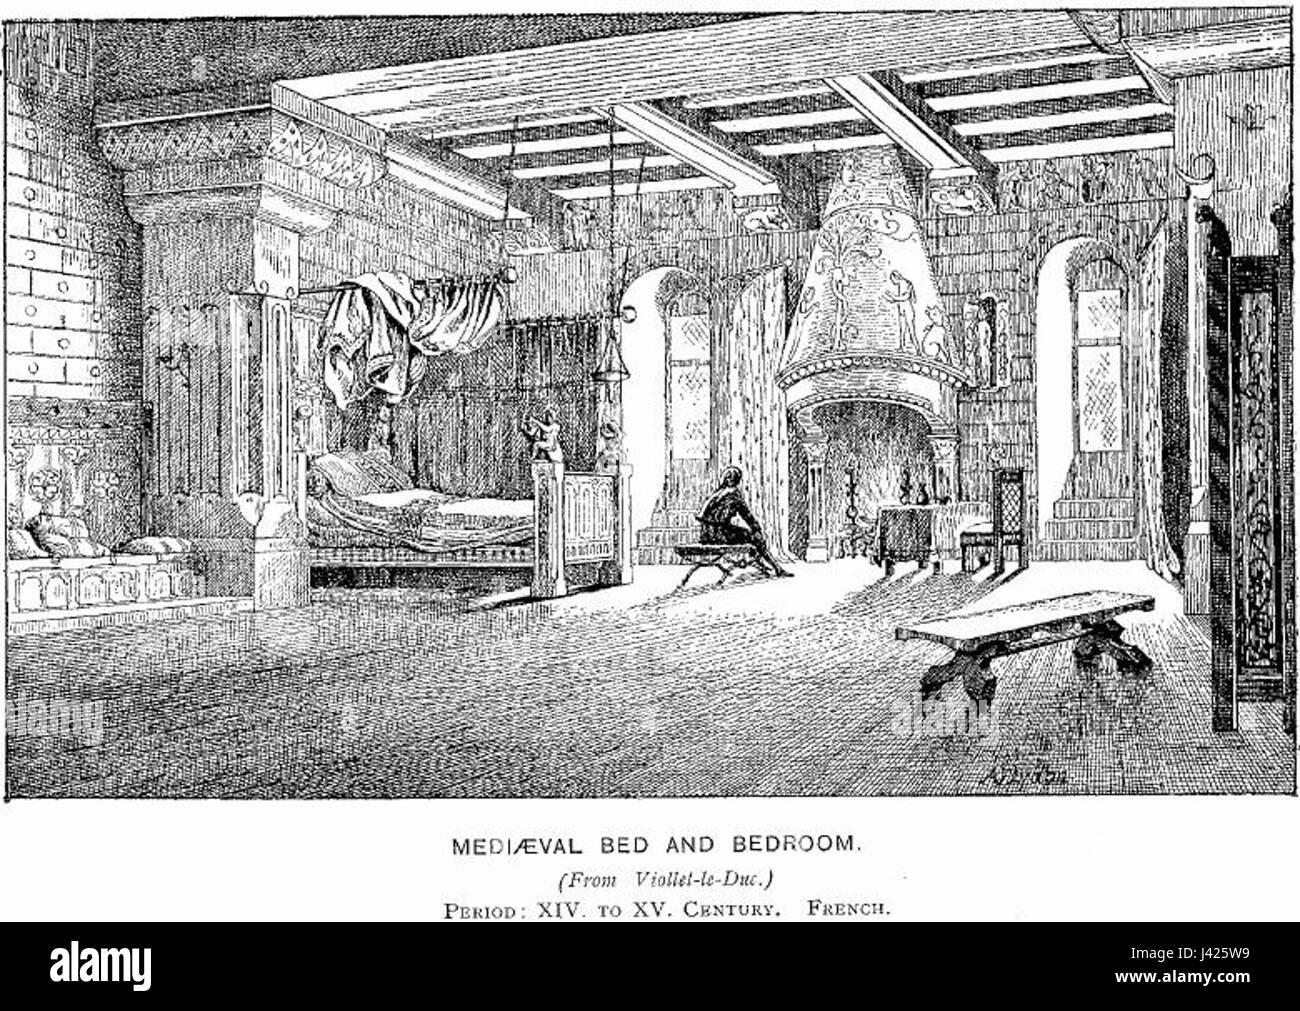 Camere Da Letto Medievali : Letto medievale e la camera da letto foto immagine stock